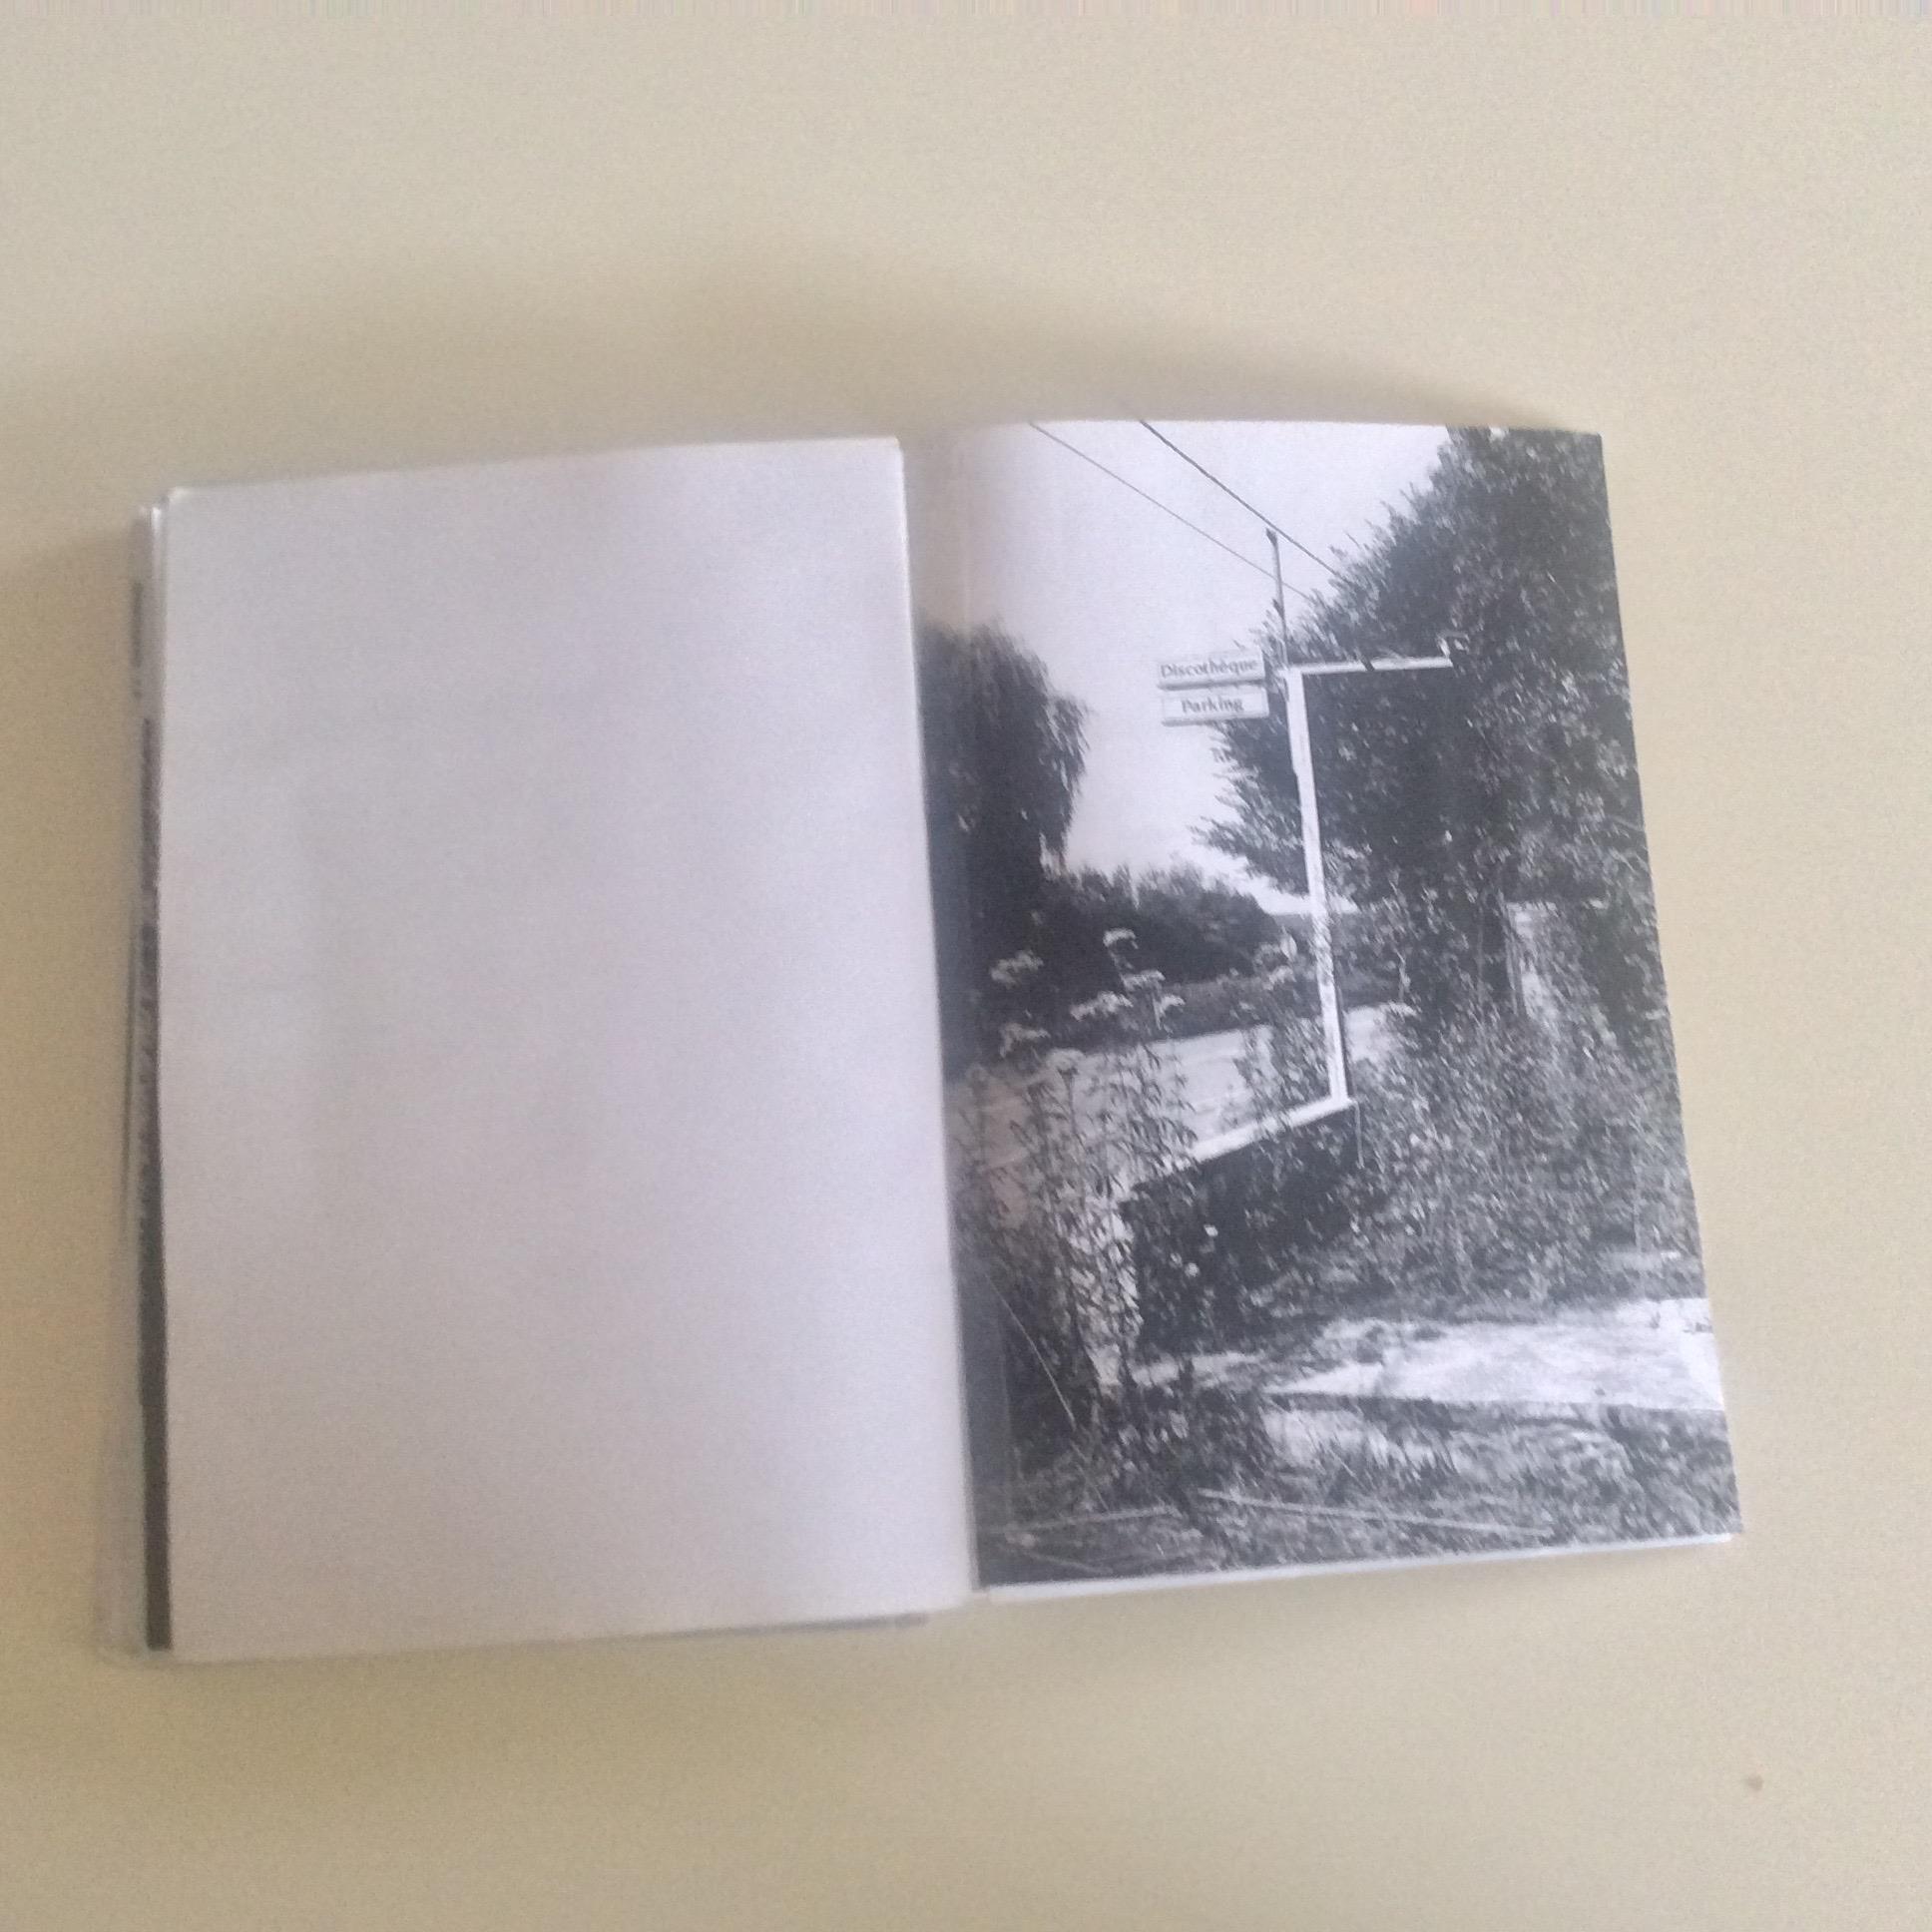 Photographies Sabrina Karp-dessin du livre Claire Jolin-les editions orange claireIMG_1494